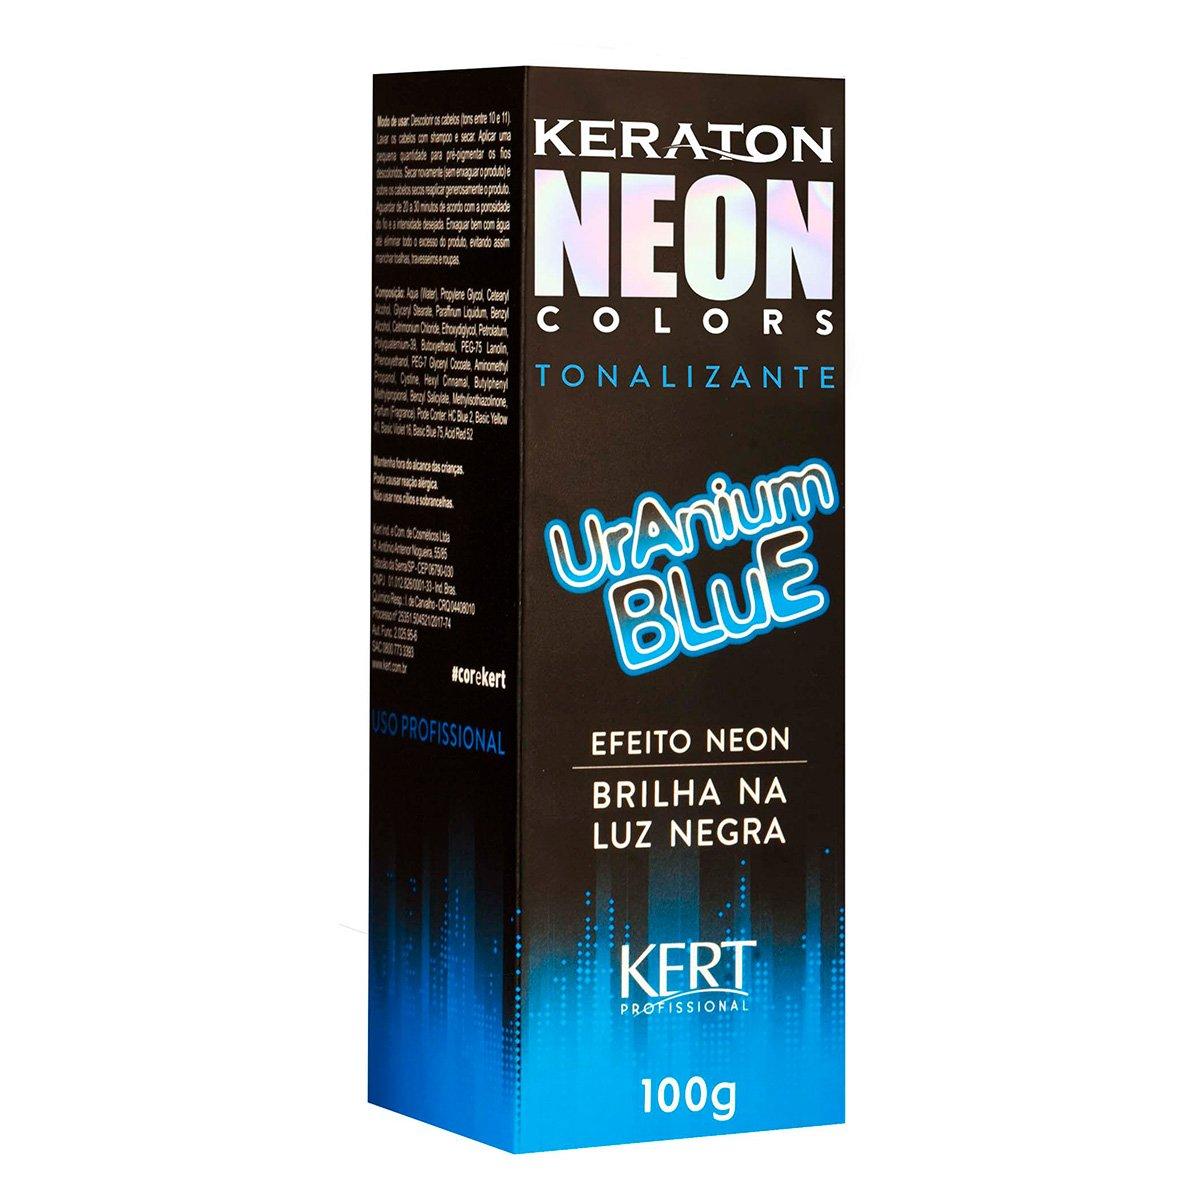 Keraton Neon colors Uranium Blue 100g